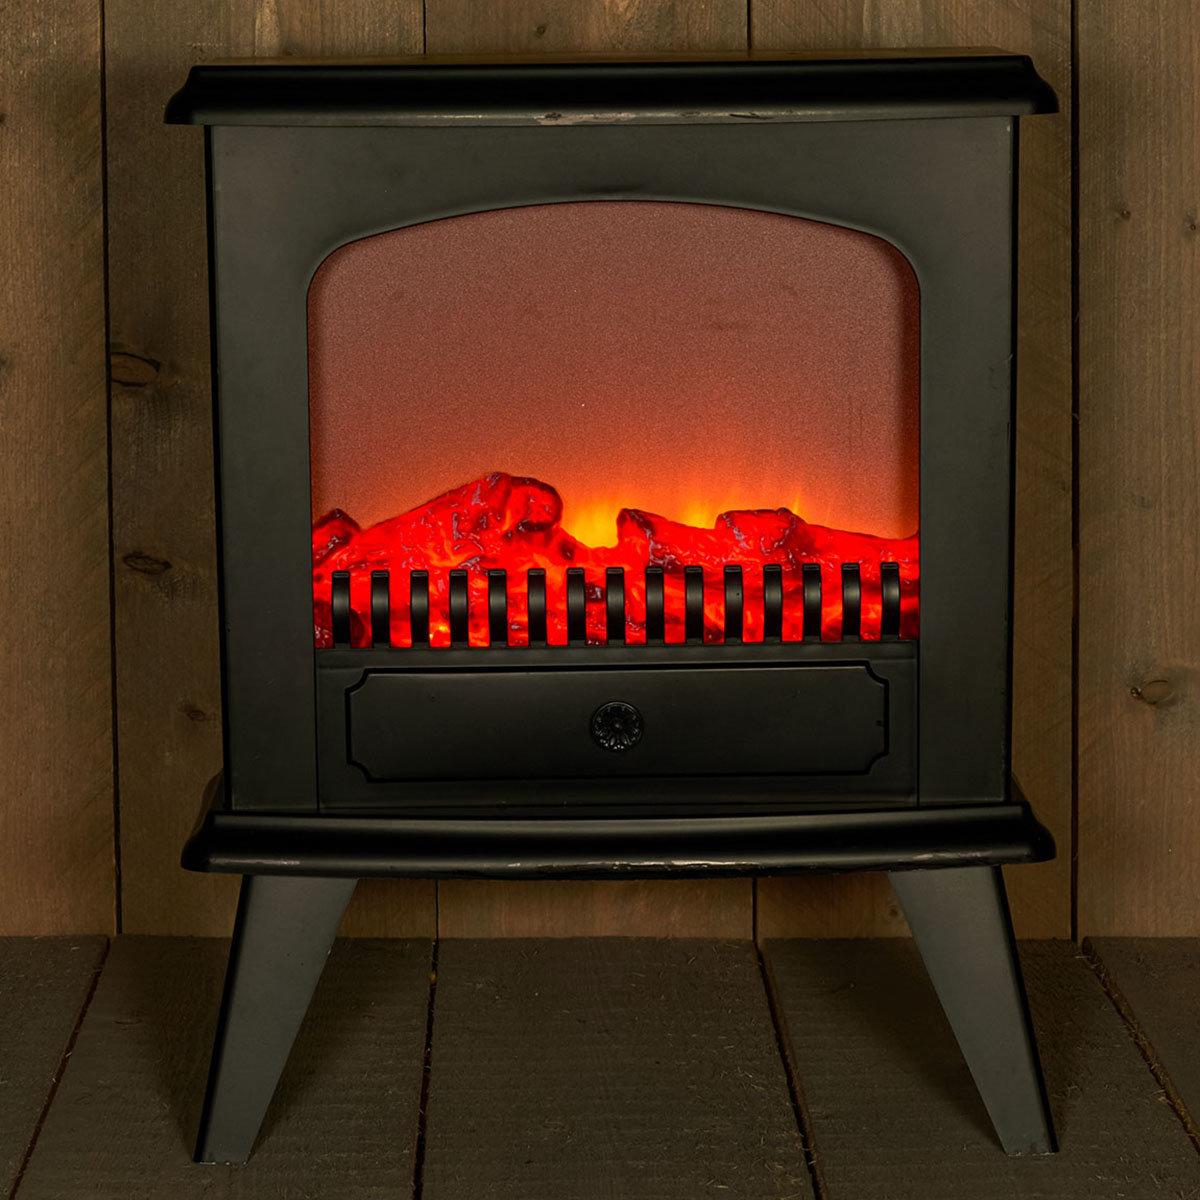 Kamin-Ofen elektrisch, 45 cm x 18,5 cm x 56 cm, schwarz